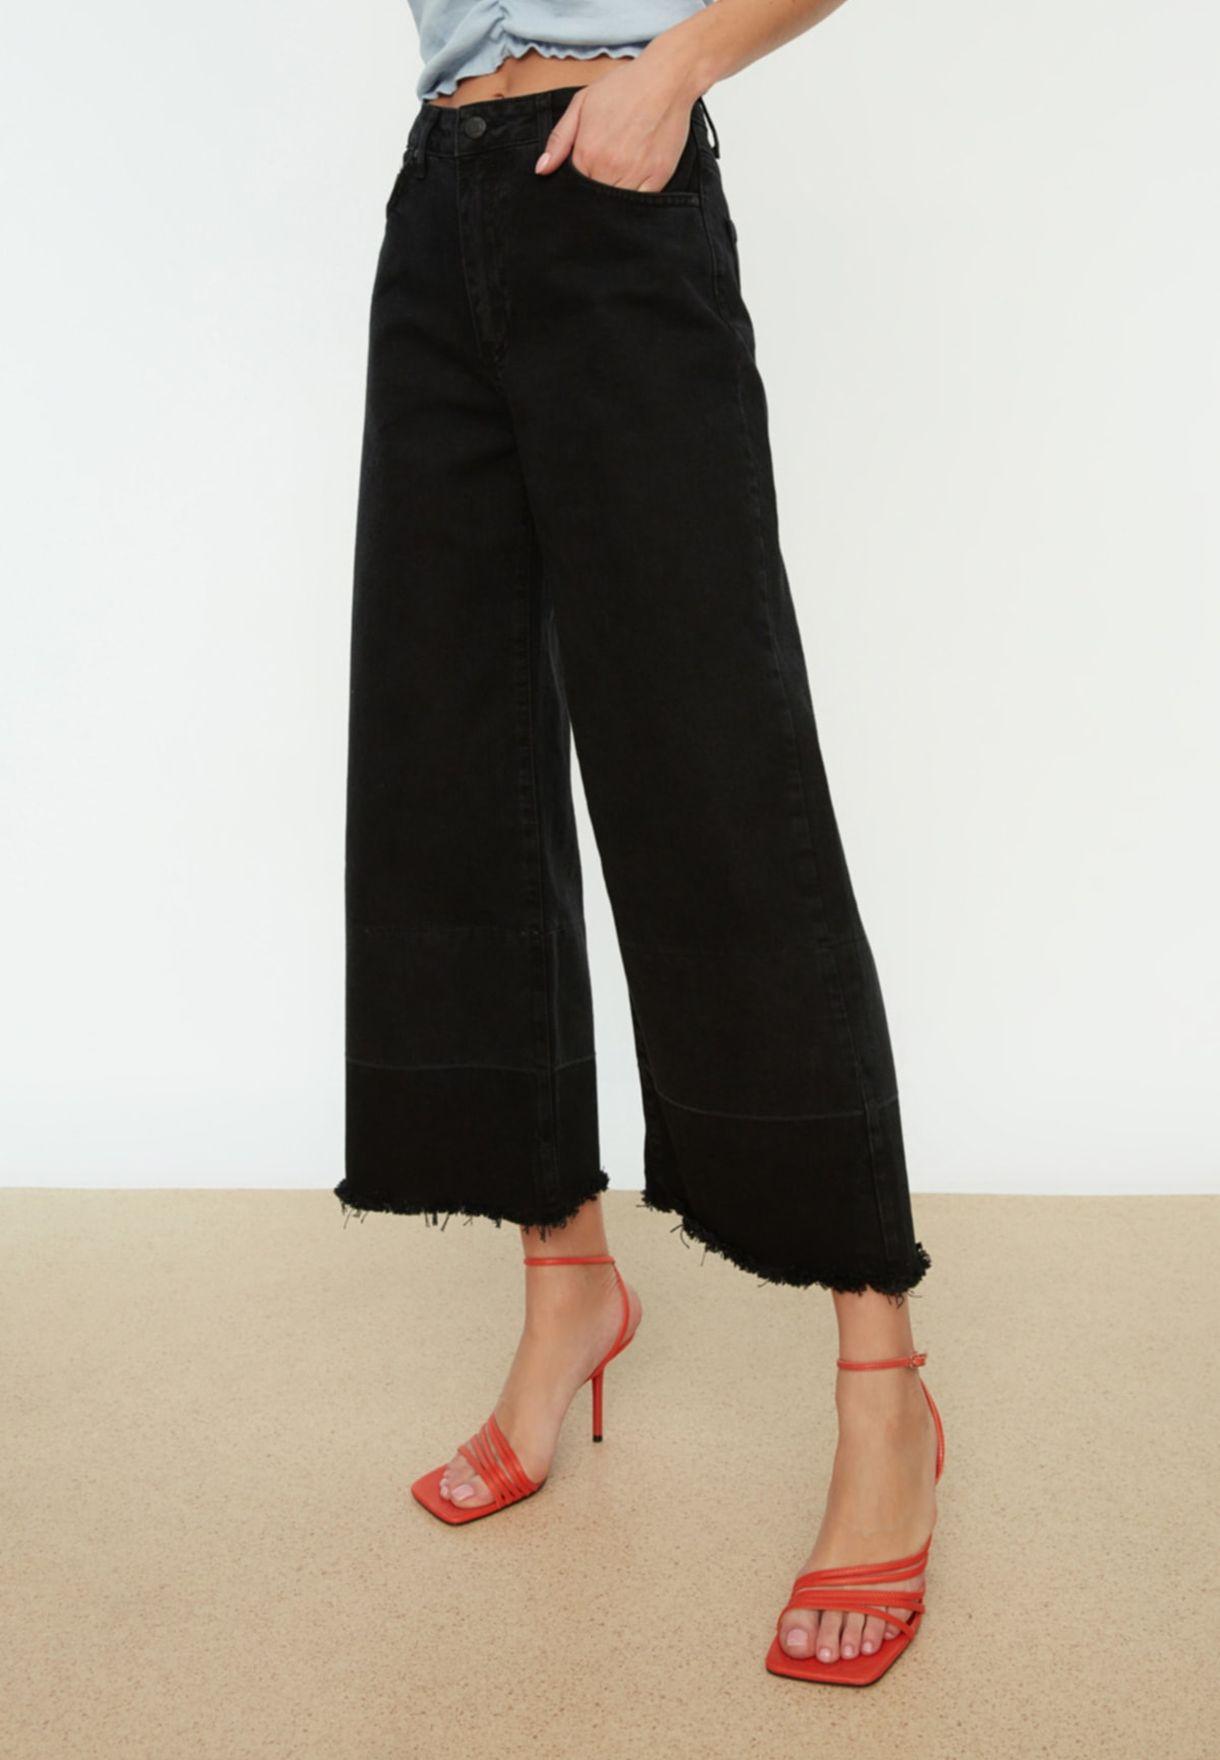 جينز قصير بقصة ارجل واسعة